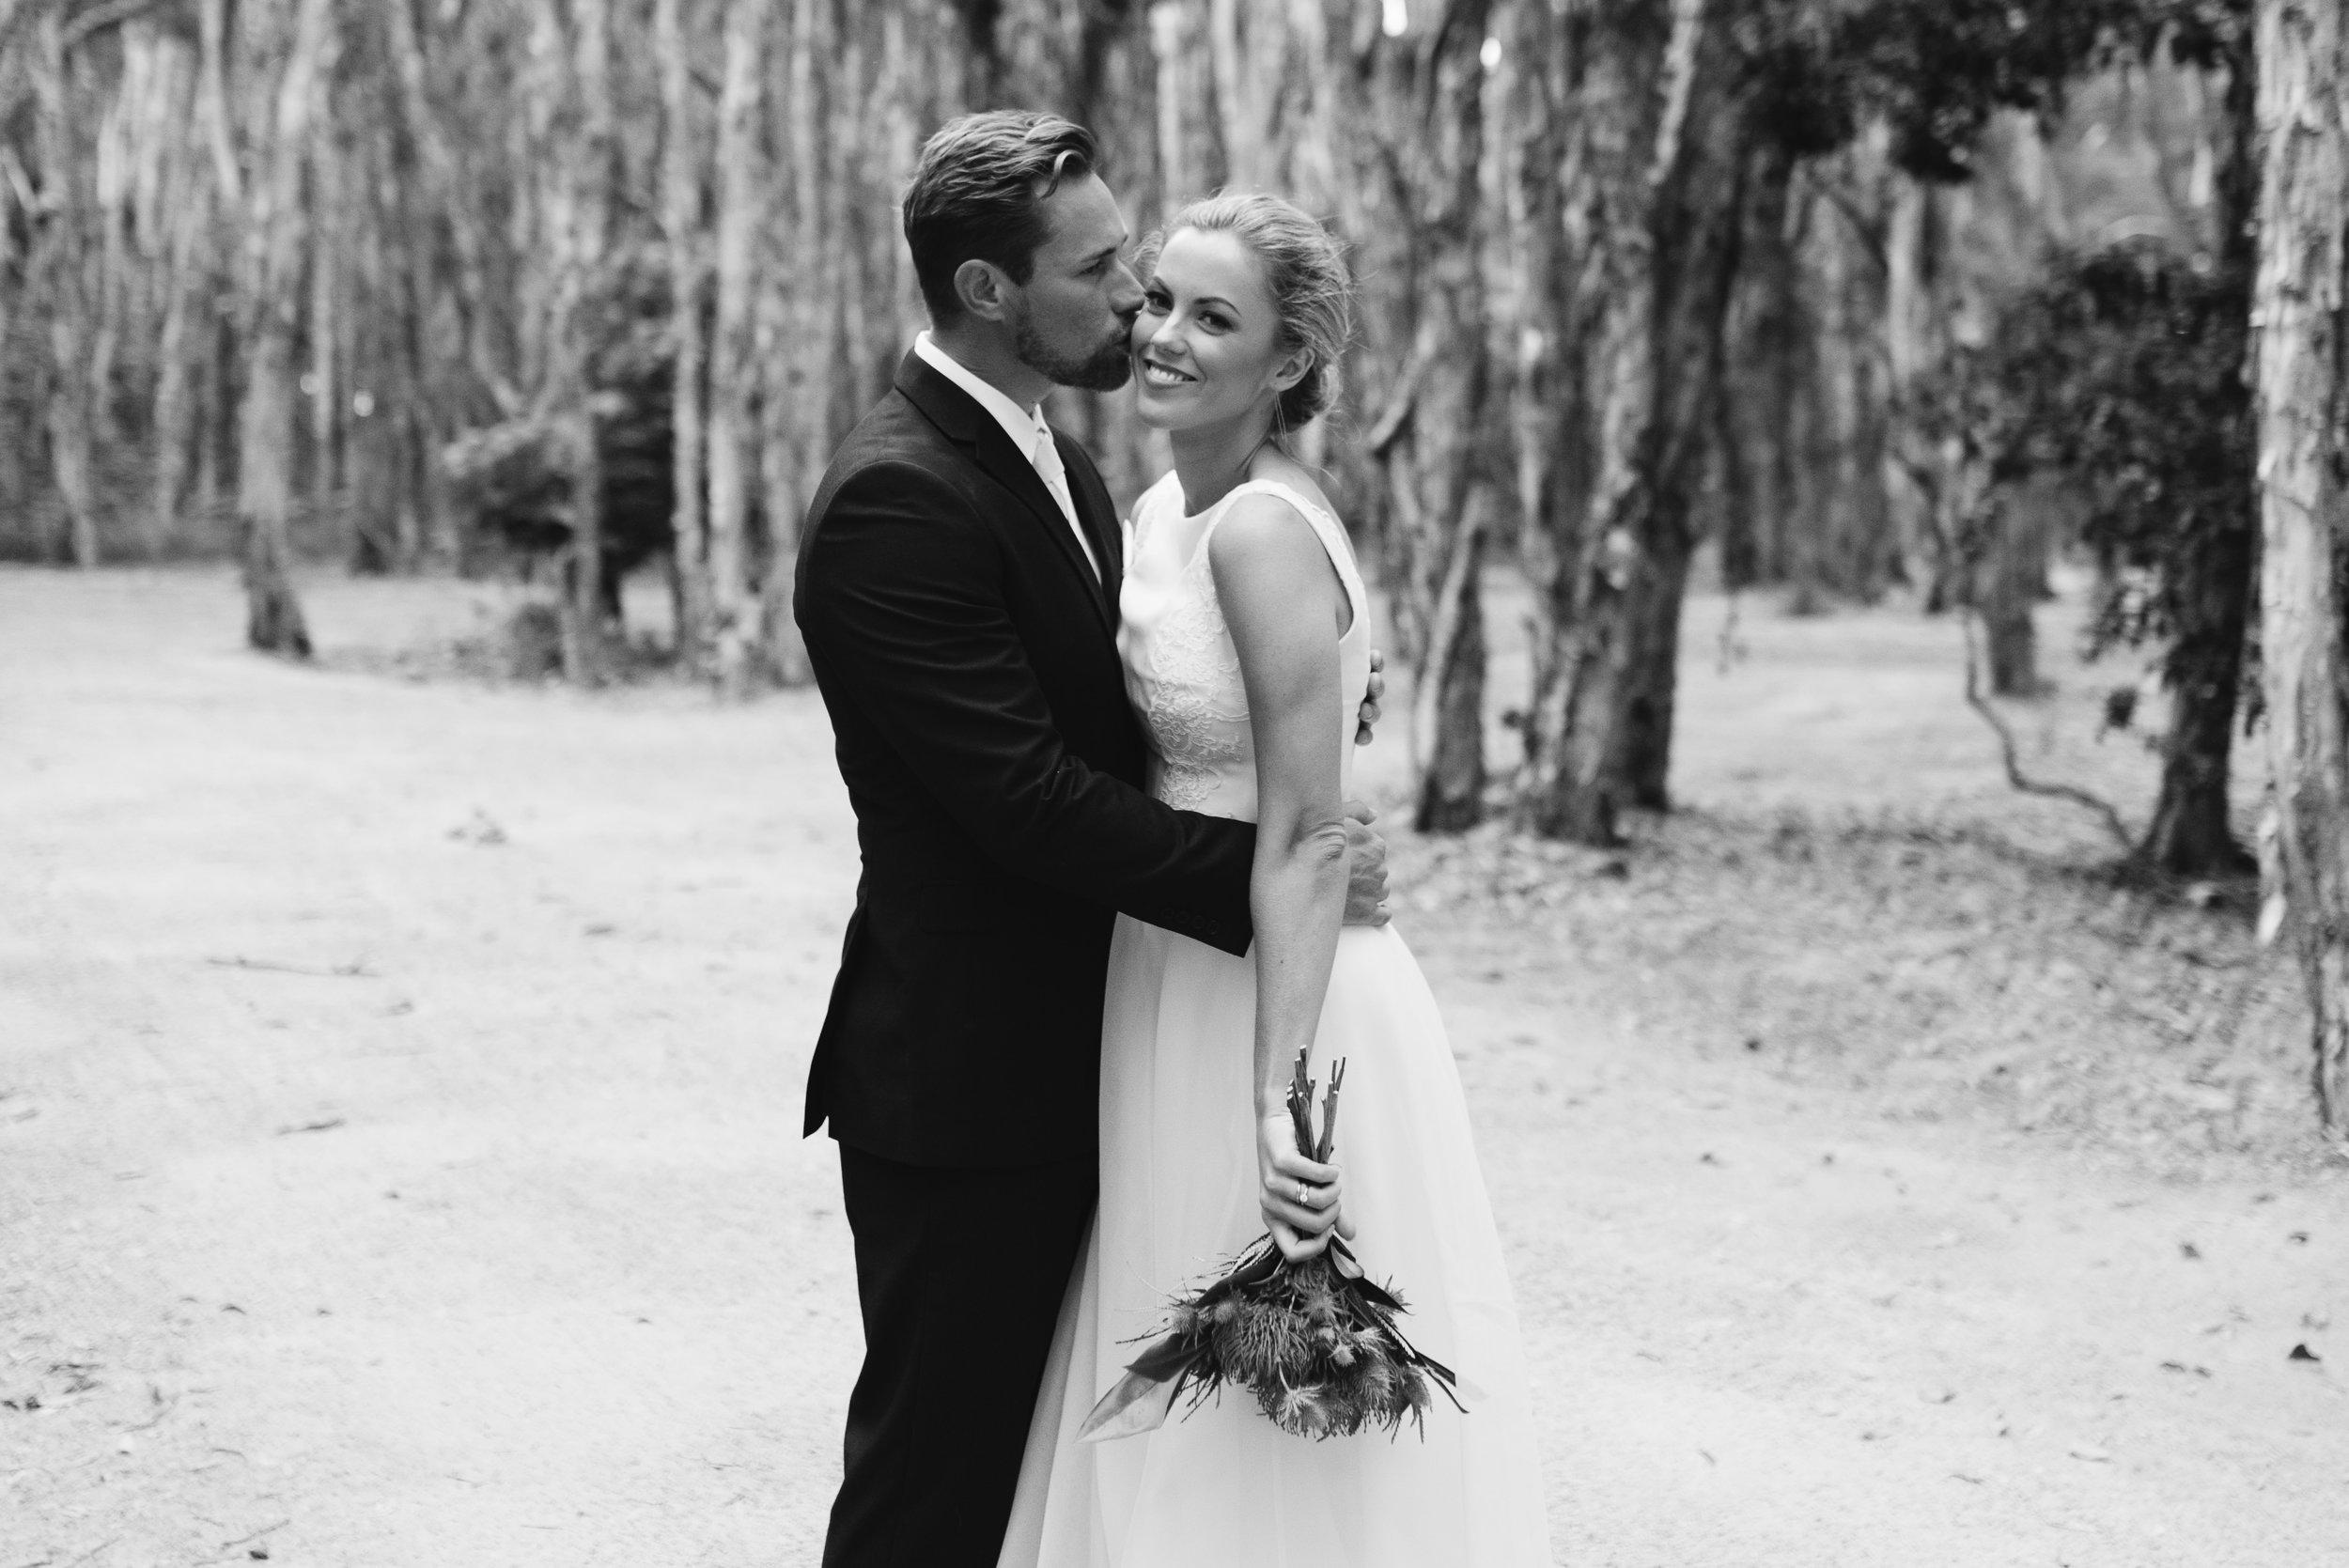 wedding-photography-brisbane-sandstone-point-hotel-bribie-island-luxewedding-32.jpg